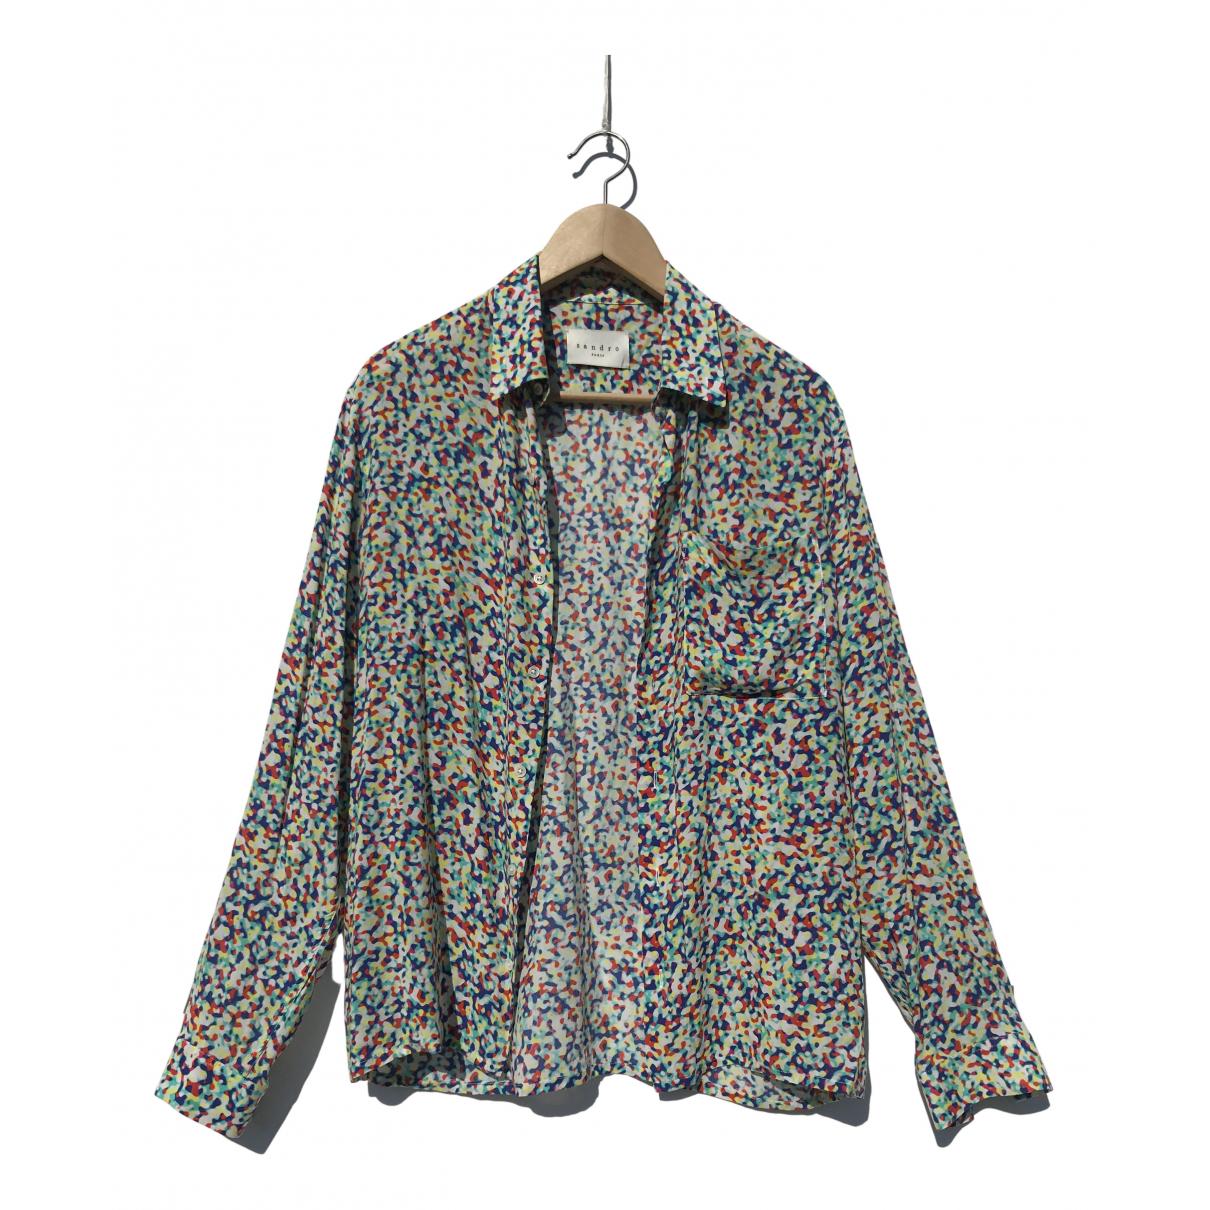 Sandro - Chemises   pour homme - multicolore